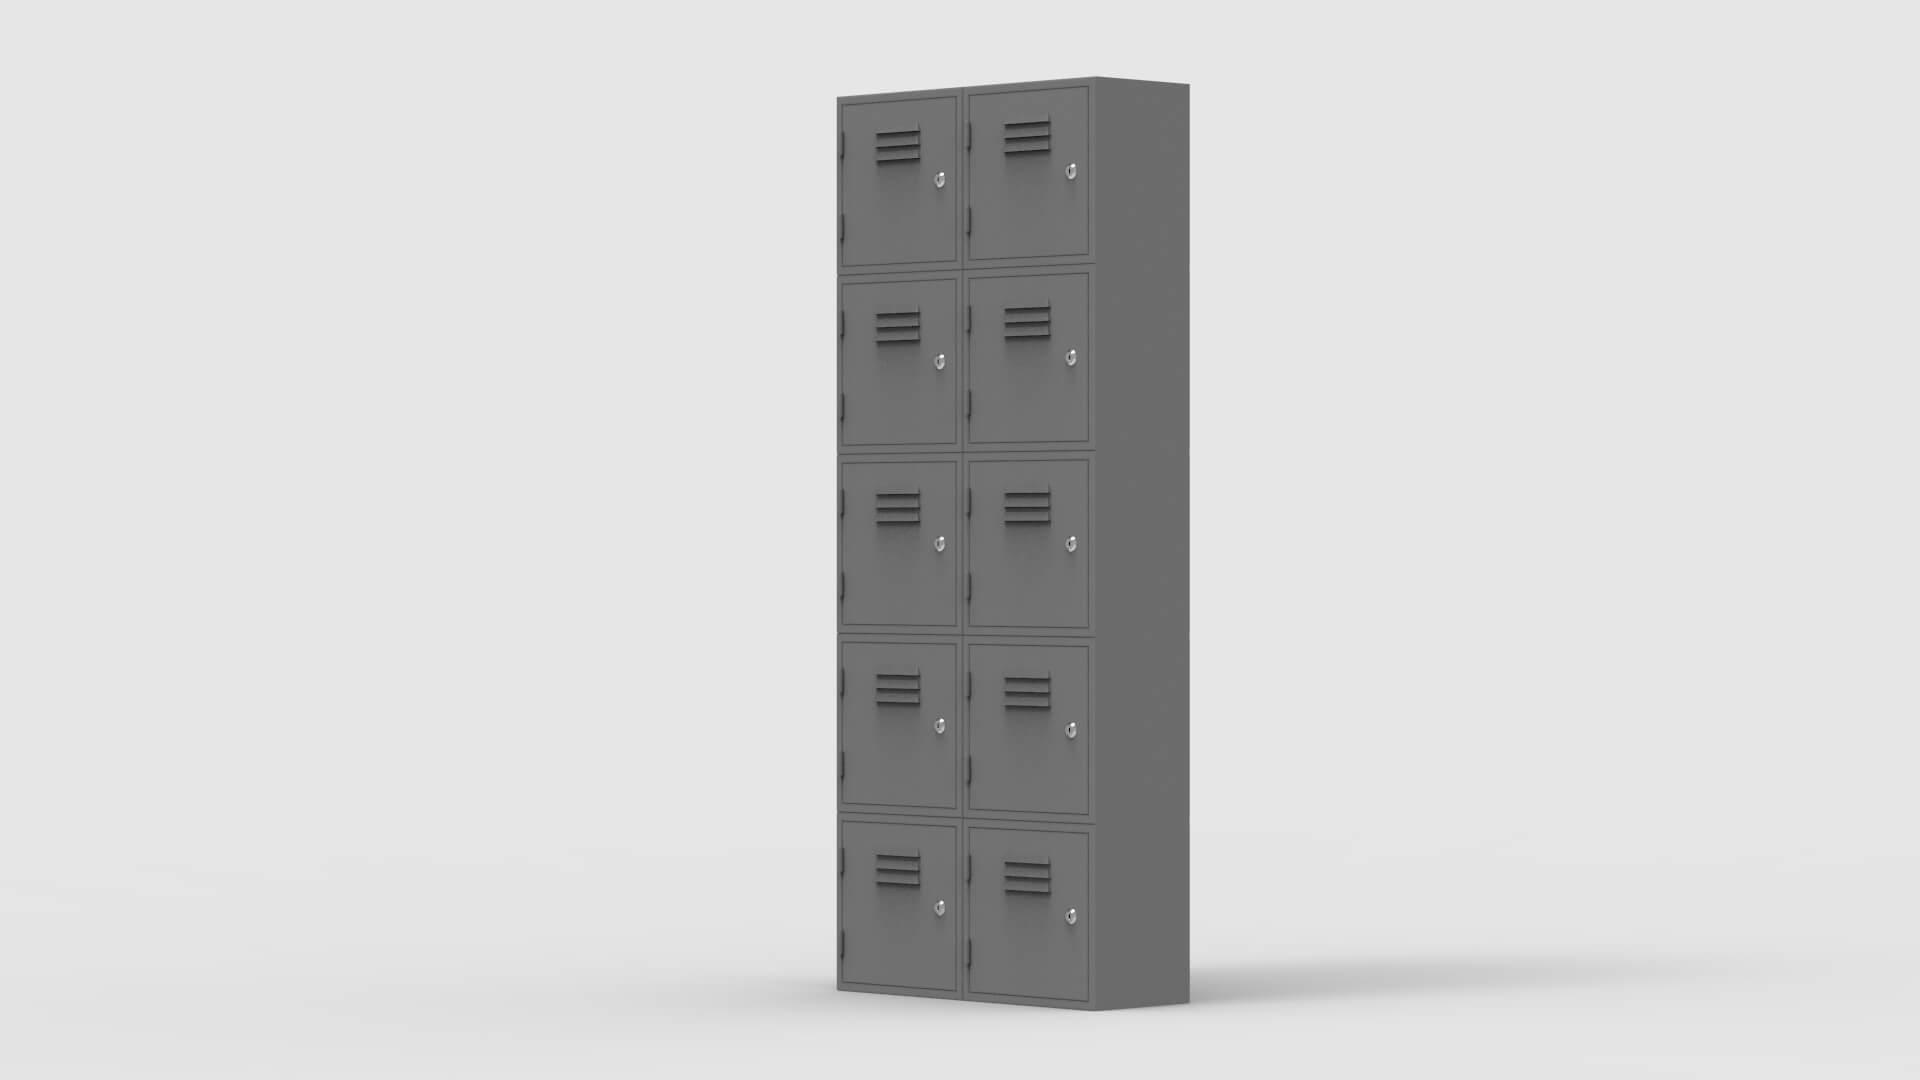 steel-locker-cabinet-product.jpg